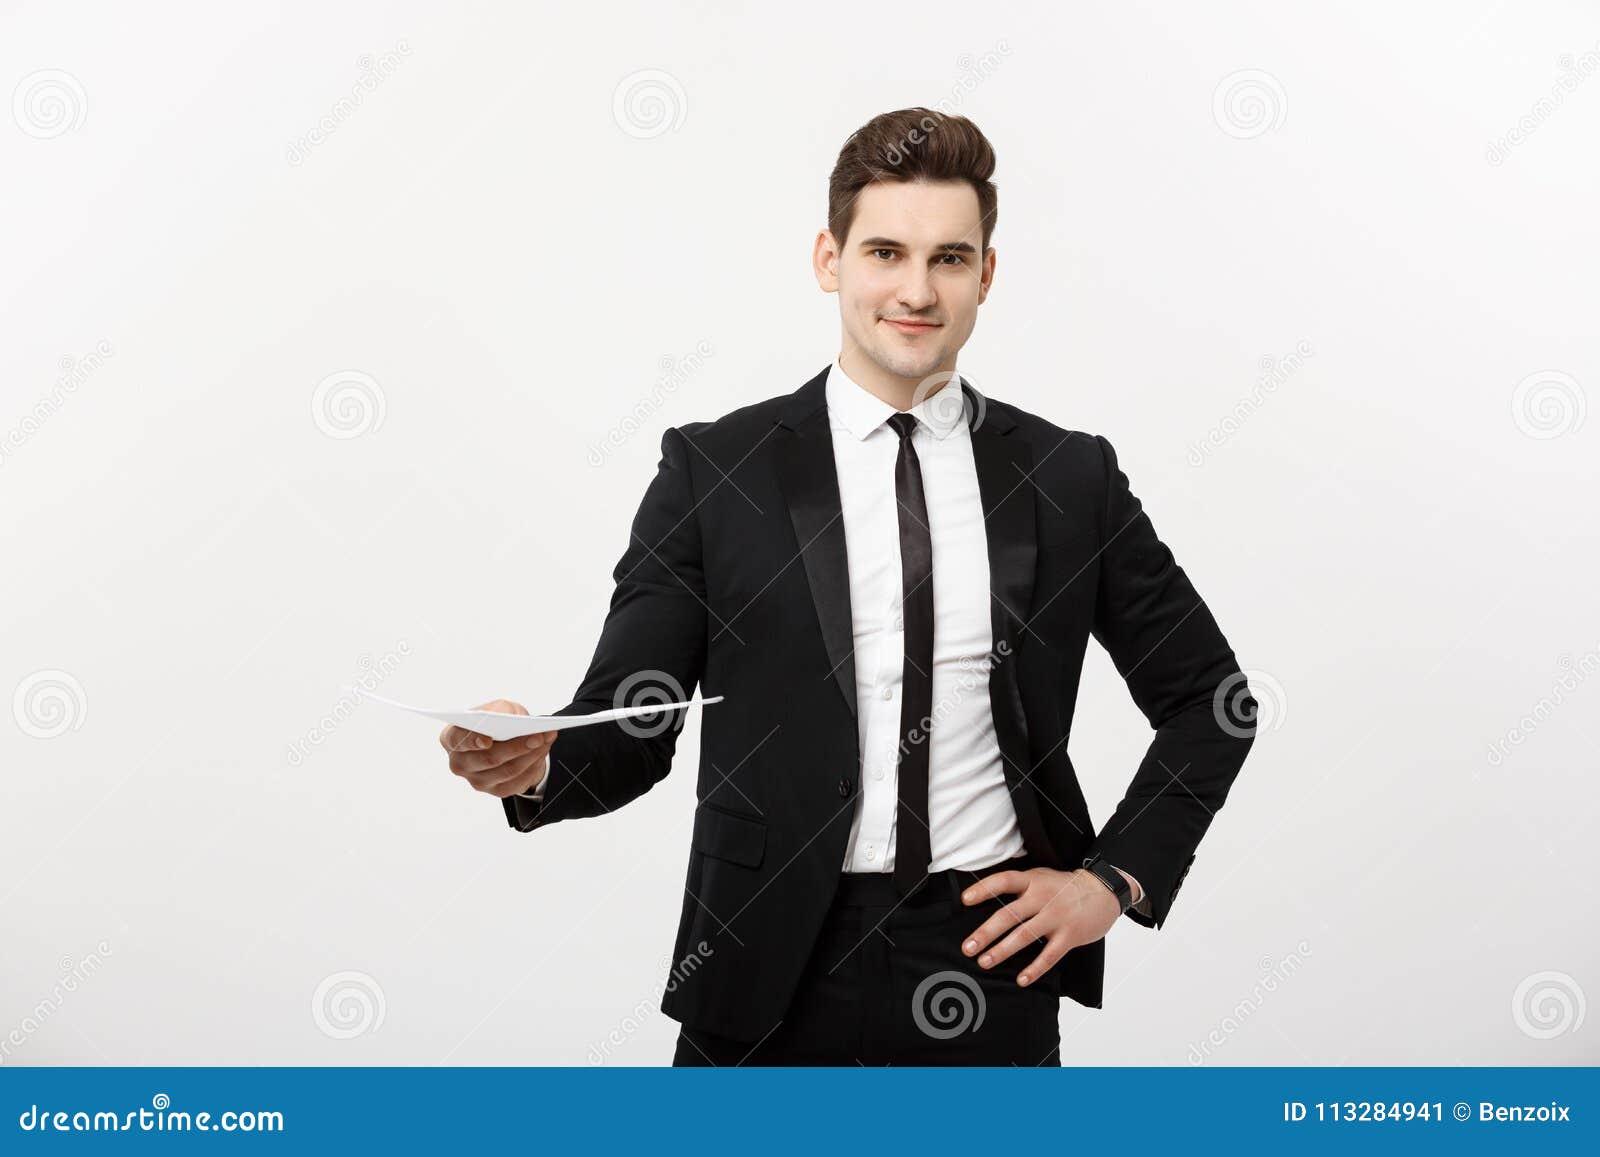 Zaken en Job Concept: De elegante mens in de kostuumholding hervat voor baan het huren in het heldere witte binnenland